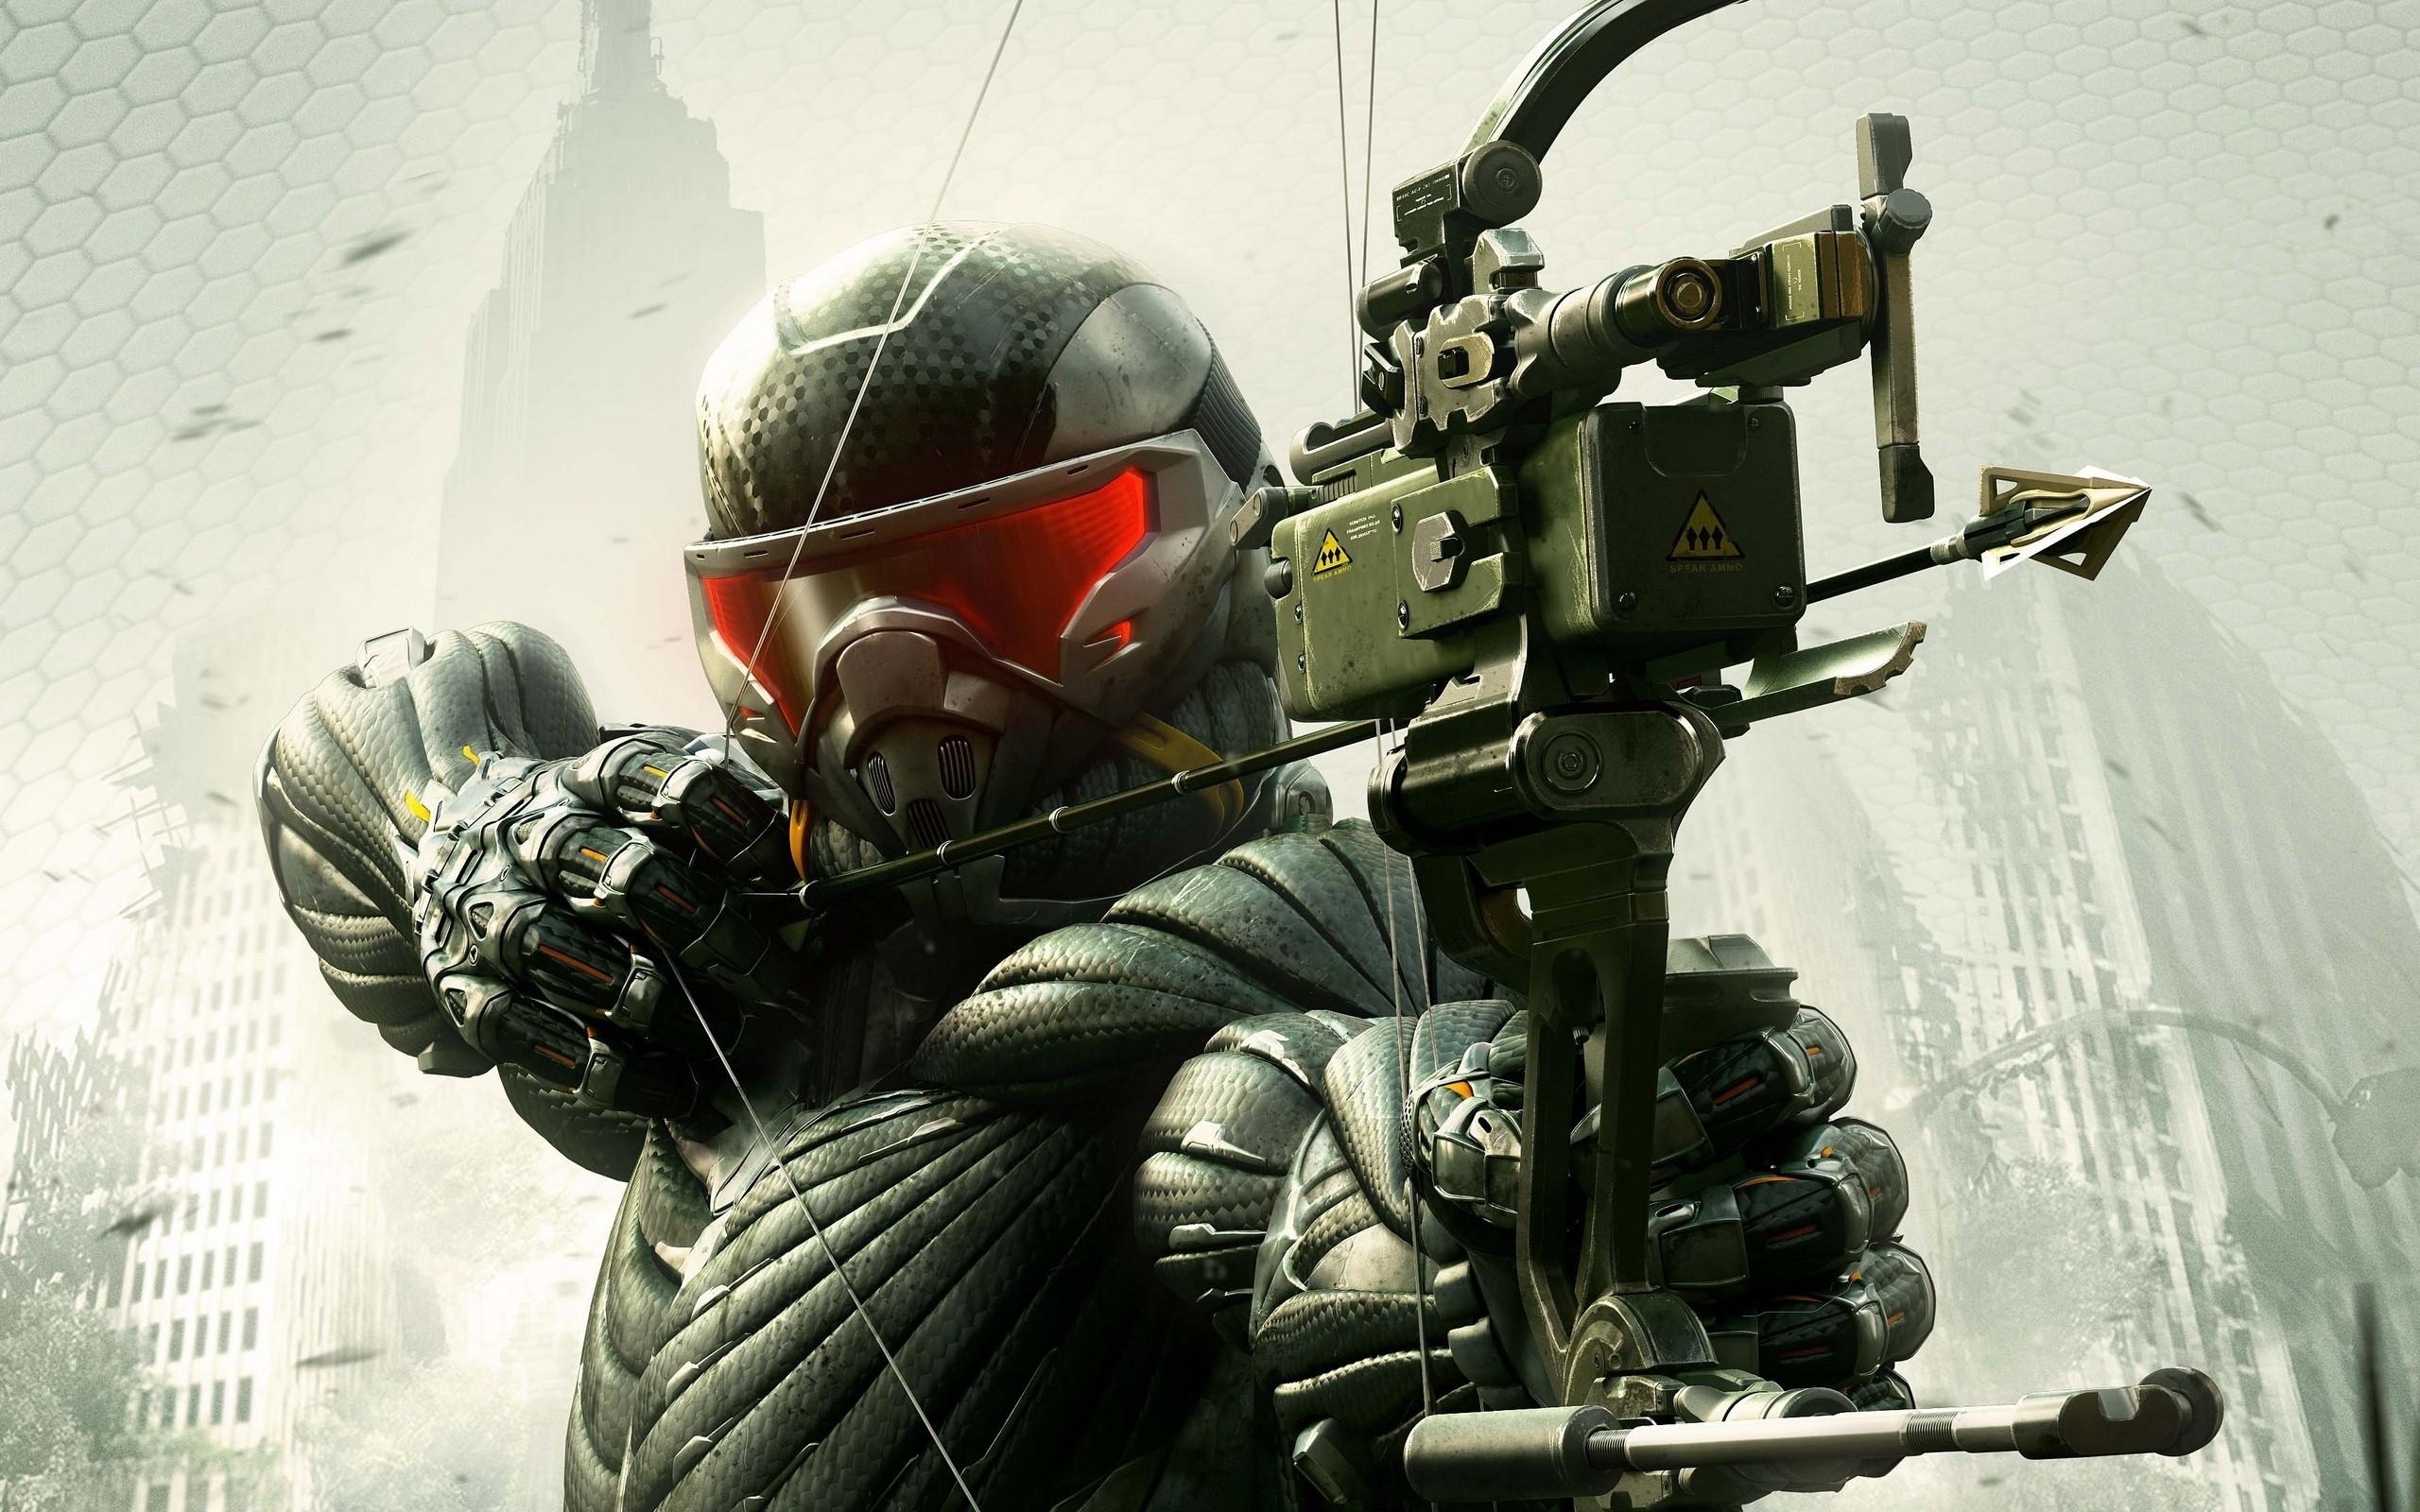 Soldados de juegos - 2560x1600